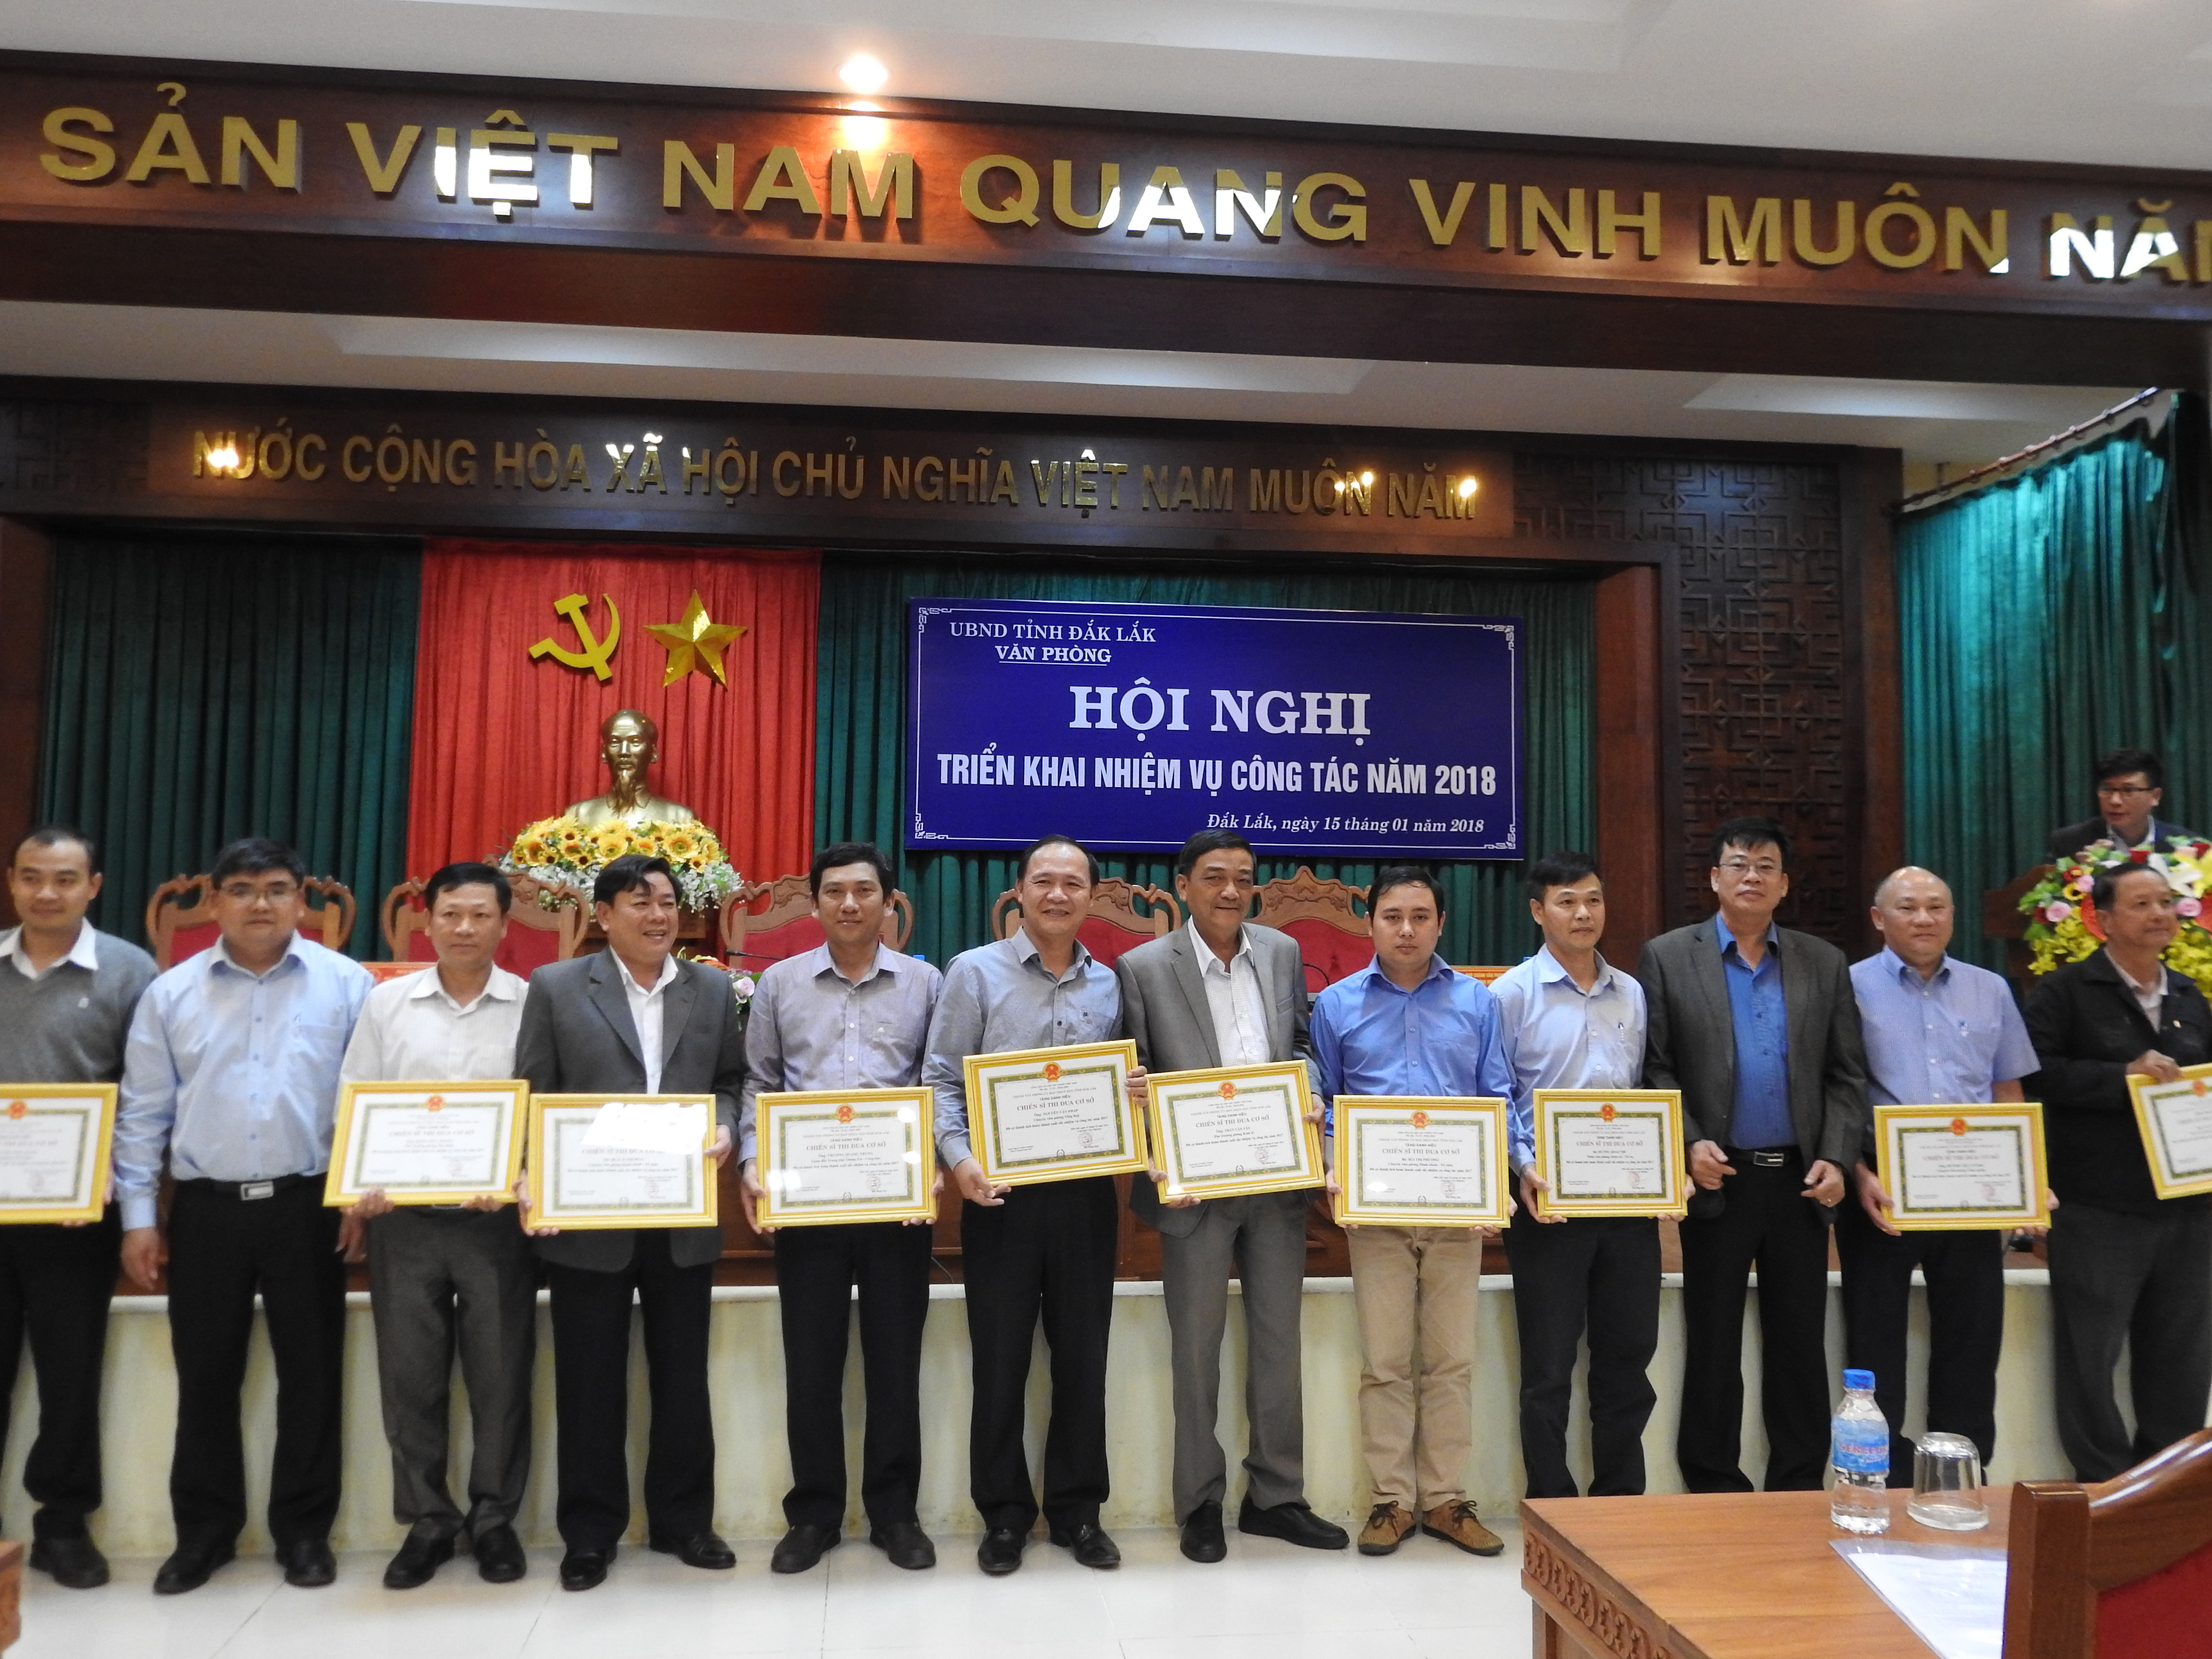 Văn phòng Ủy ban nhân dân tỉnh tổ chức Hội nghị triển khai nhiệm vụ công tác năm 2018